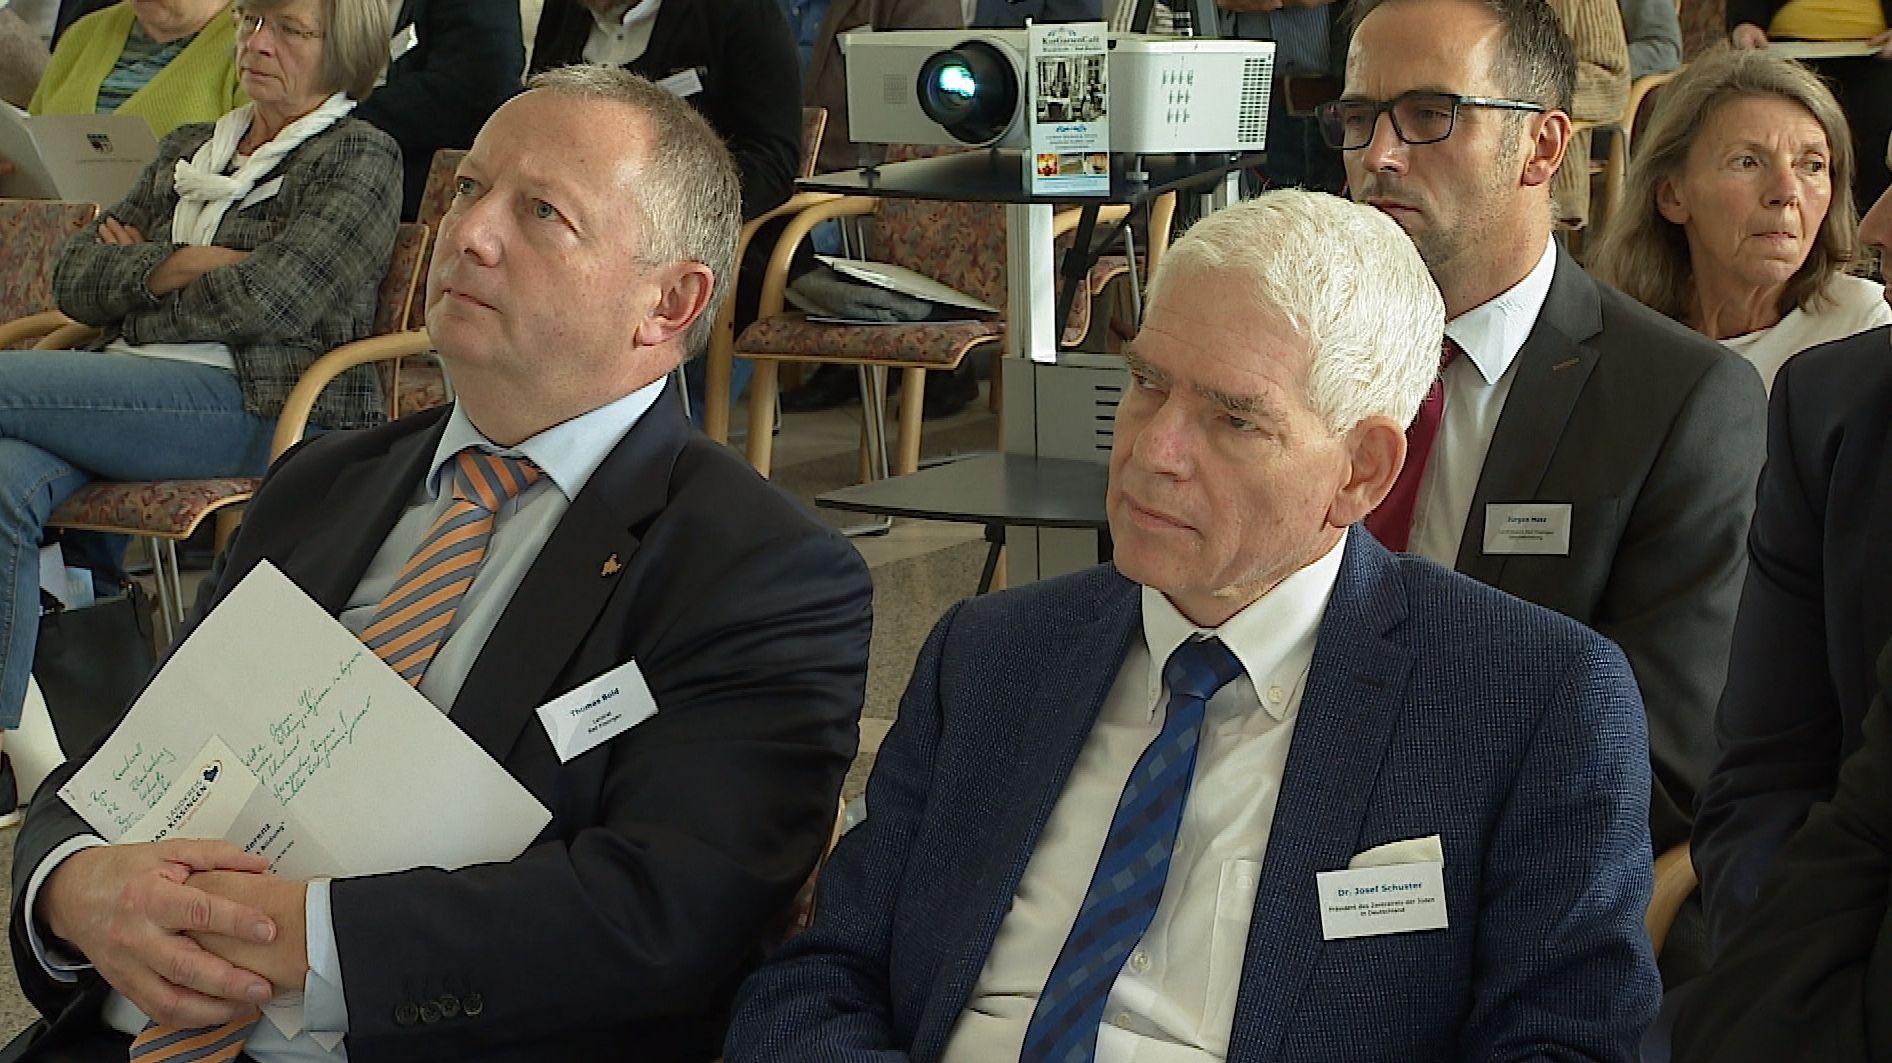 Josef Schuster (vorne rechts) auf der 3. Bildungskonferenz des Landkreises Bad Kissingen in Bad Bocklet